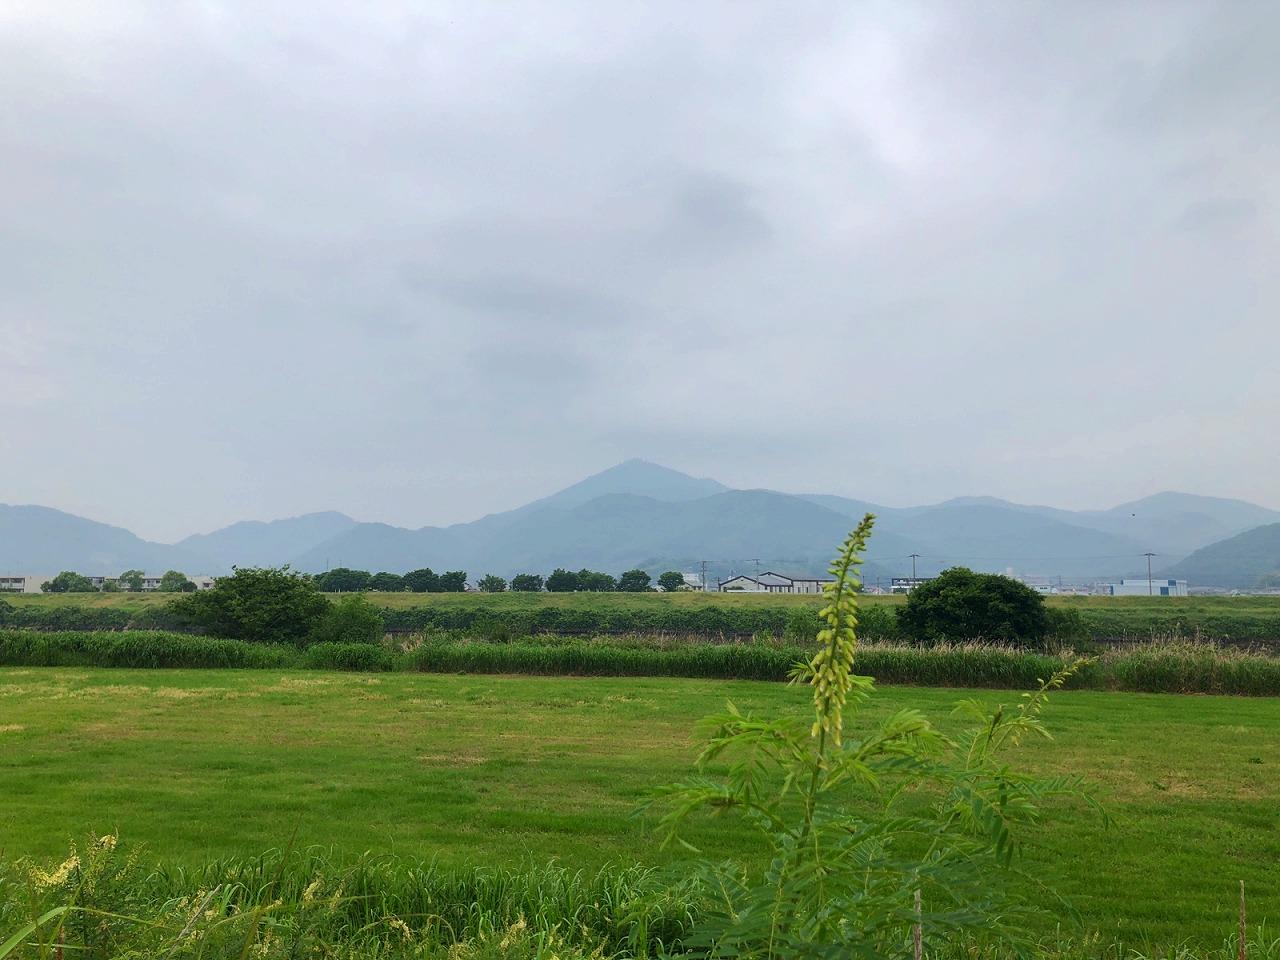 2018.5.17今朝の金峰山です。